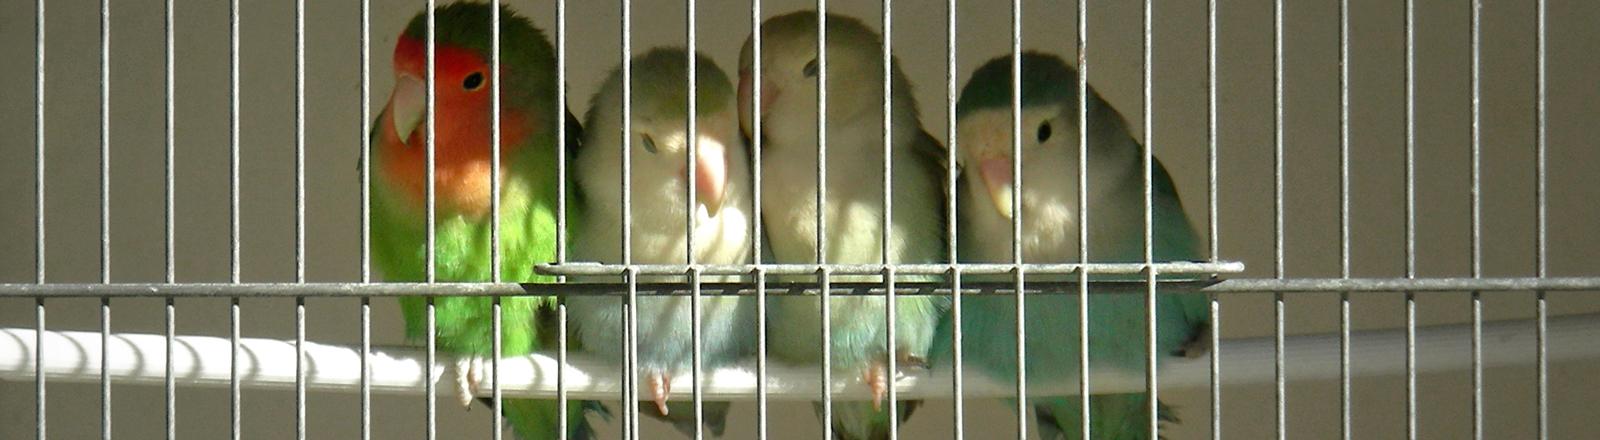 Vier Vögel sitzen im Vogelkäfig auf einer Stange ganz eng beieinander.